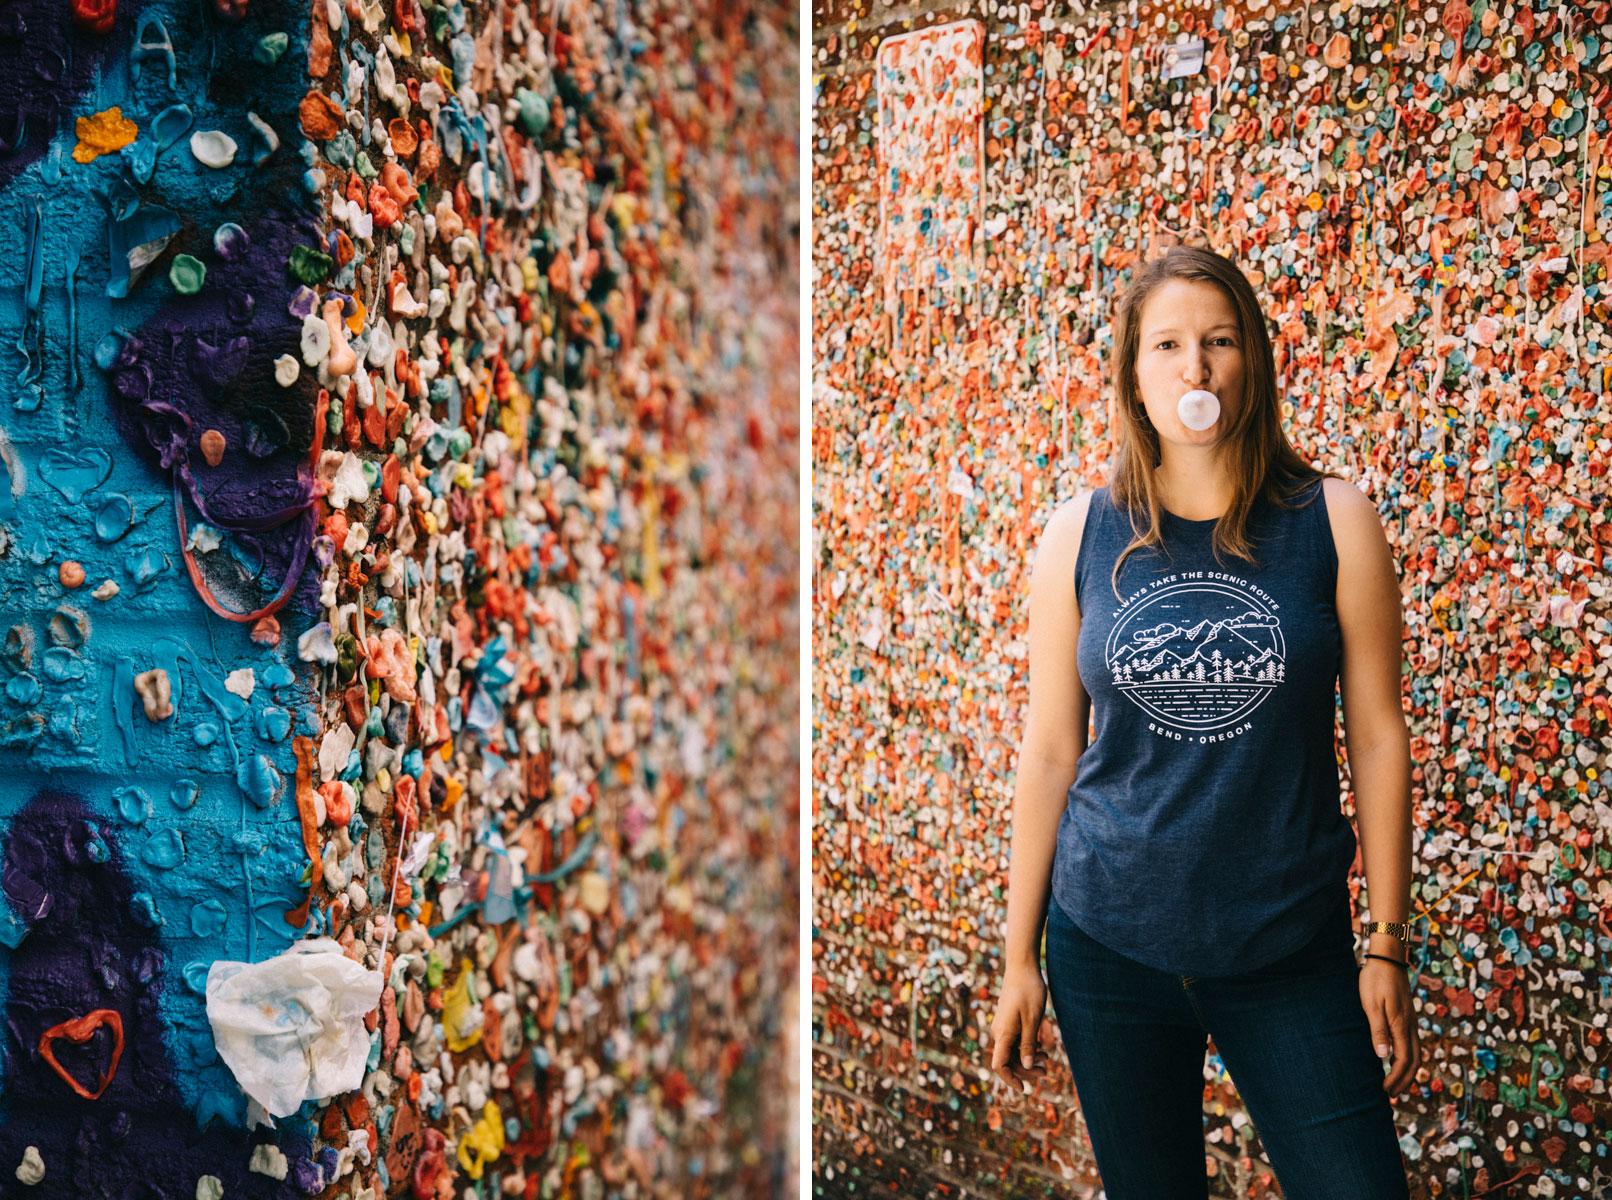 Une mur entièrement remplis de chewing-gum à Seattle